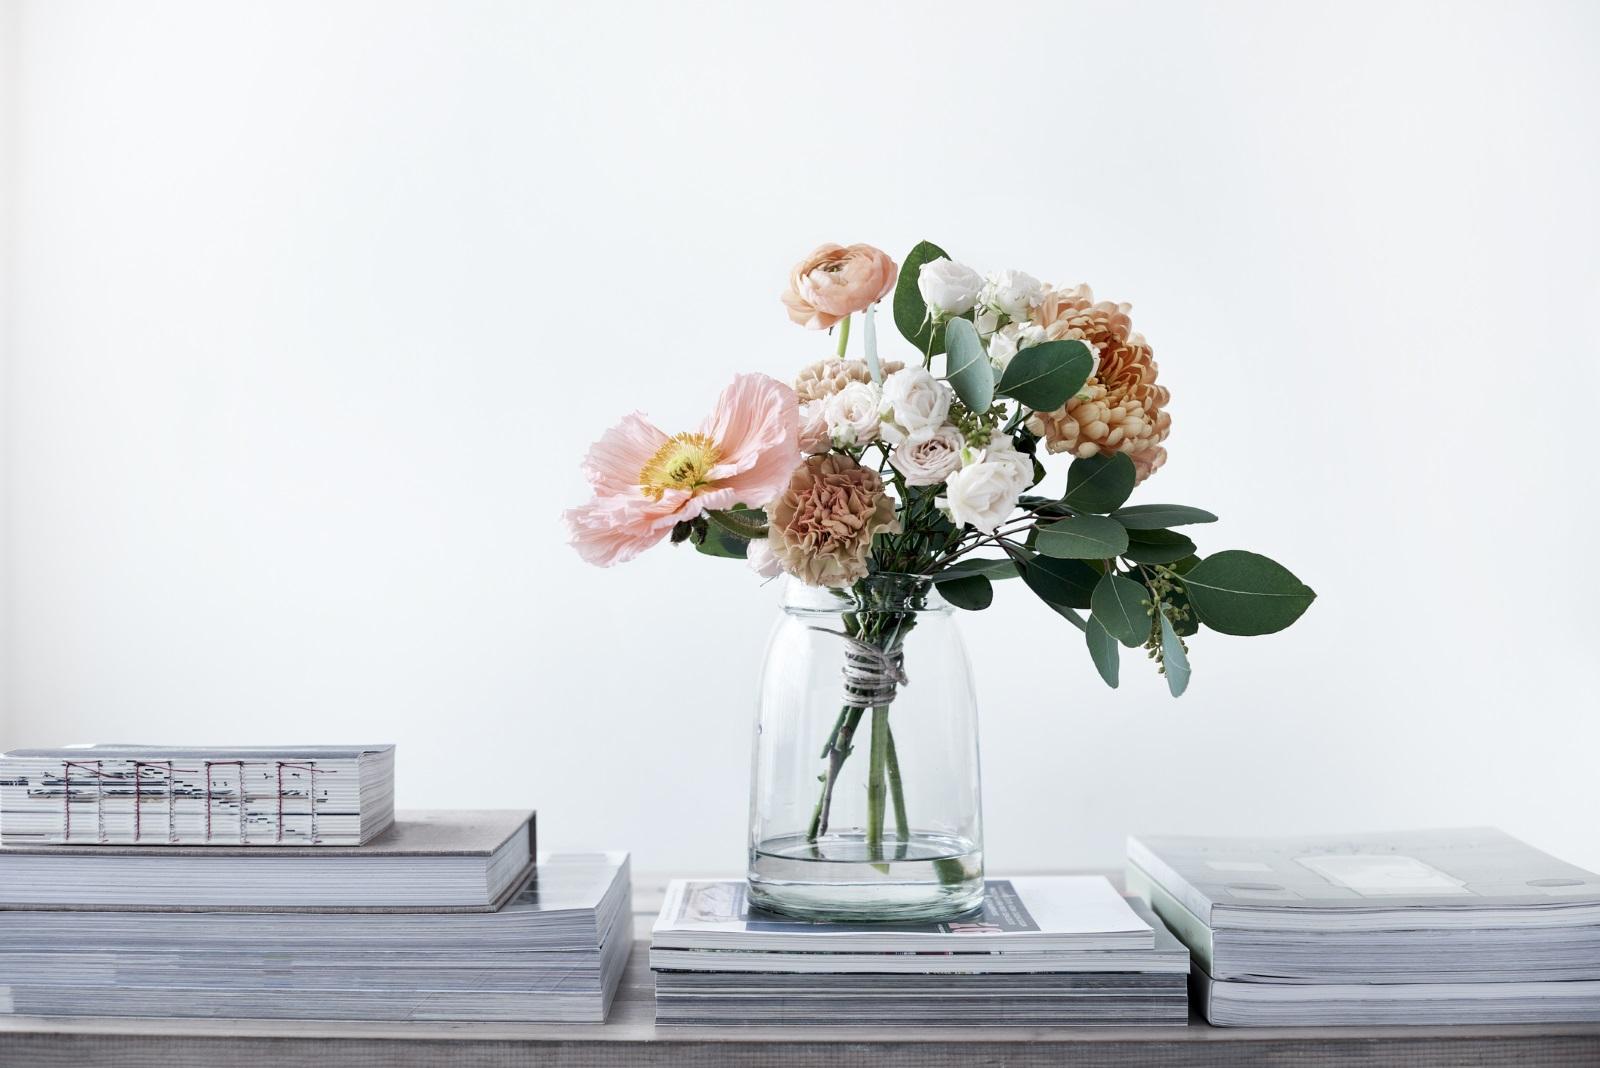 Липсата на цветя: според специалистите малките неща превръщат едно пространство в дом. Като цветята например. Не забравяйте и метода на скандинавците -скоглуфт, според който живите растения са задължителни във всеки дом или офис, ако искаме да се чувстваме добре.